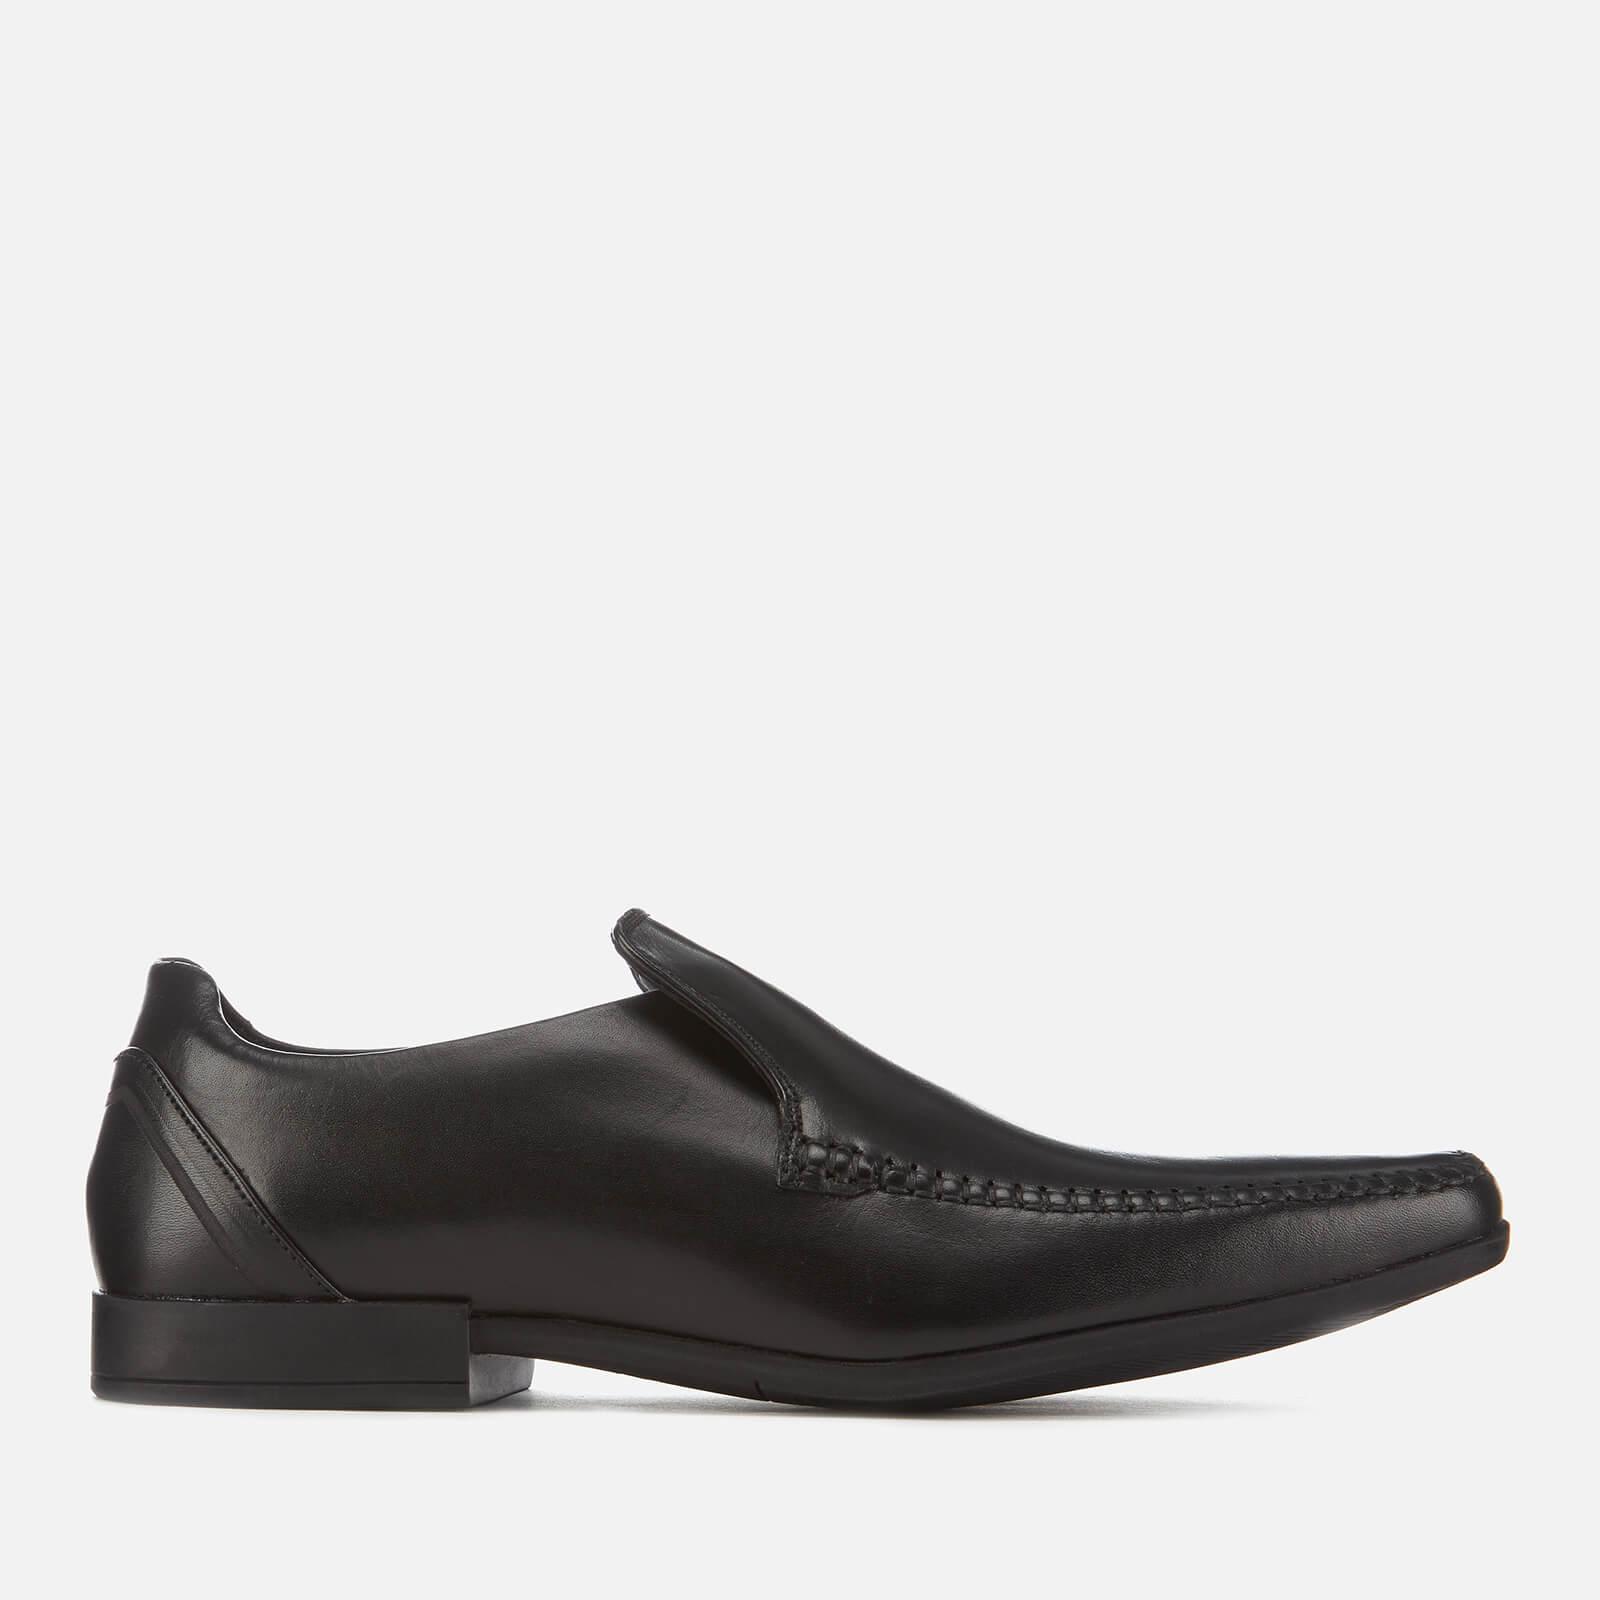 Clarks Men's Glement Seam Leather Slip-On Shoes - Black - UK 9